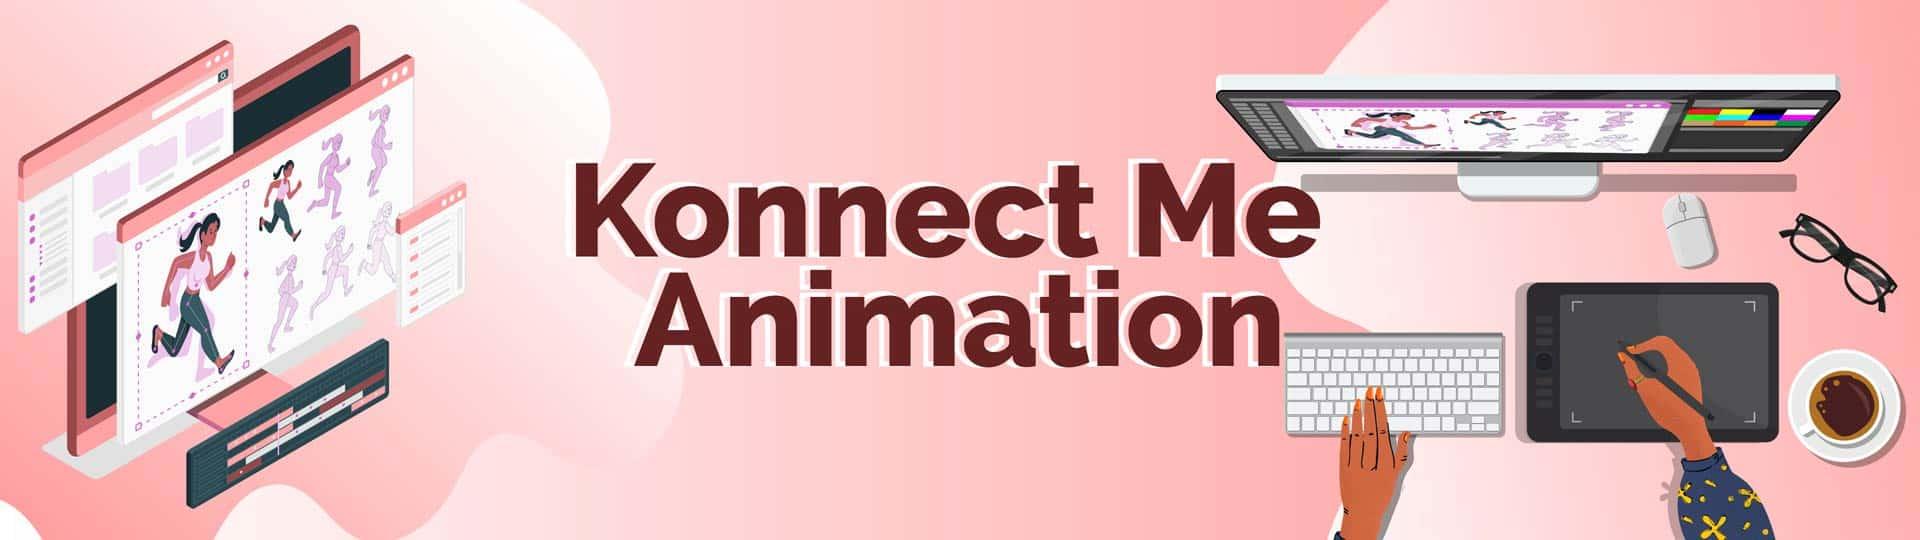 konnect-me-animation